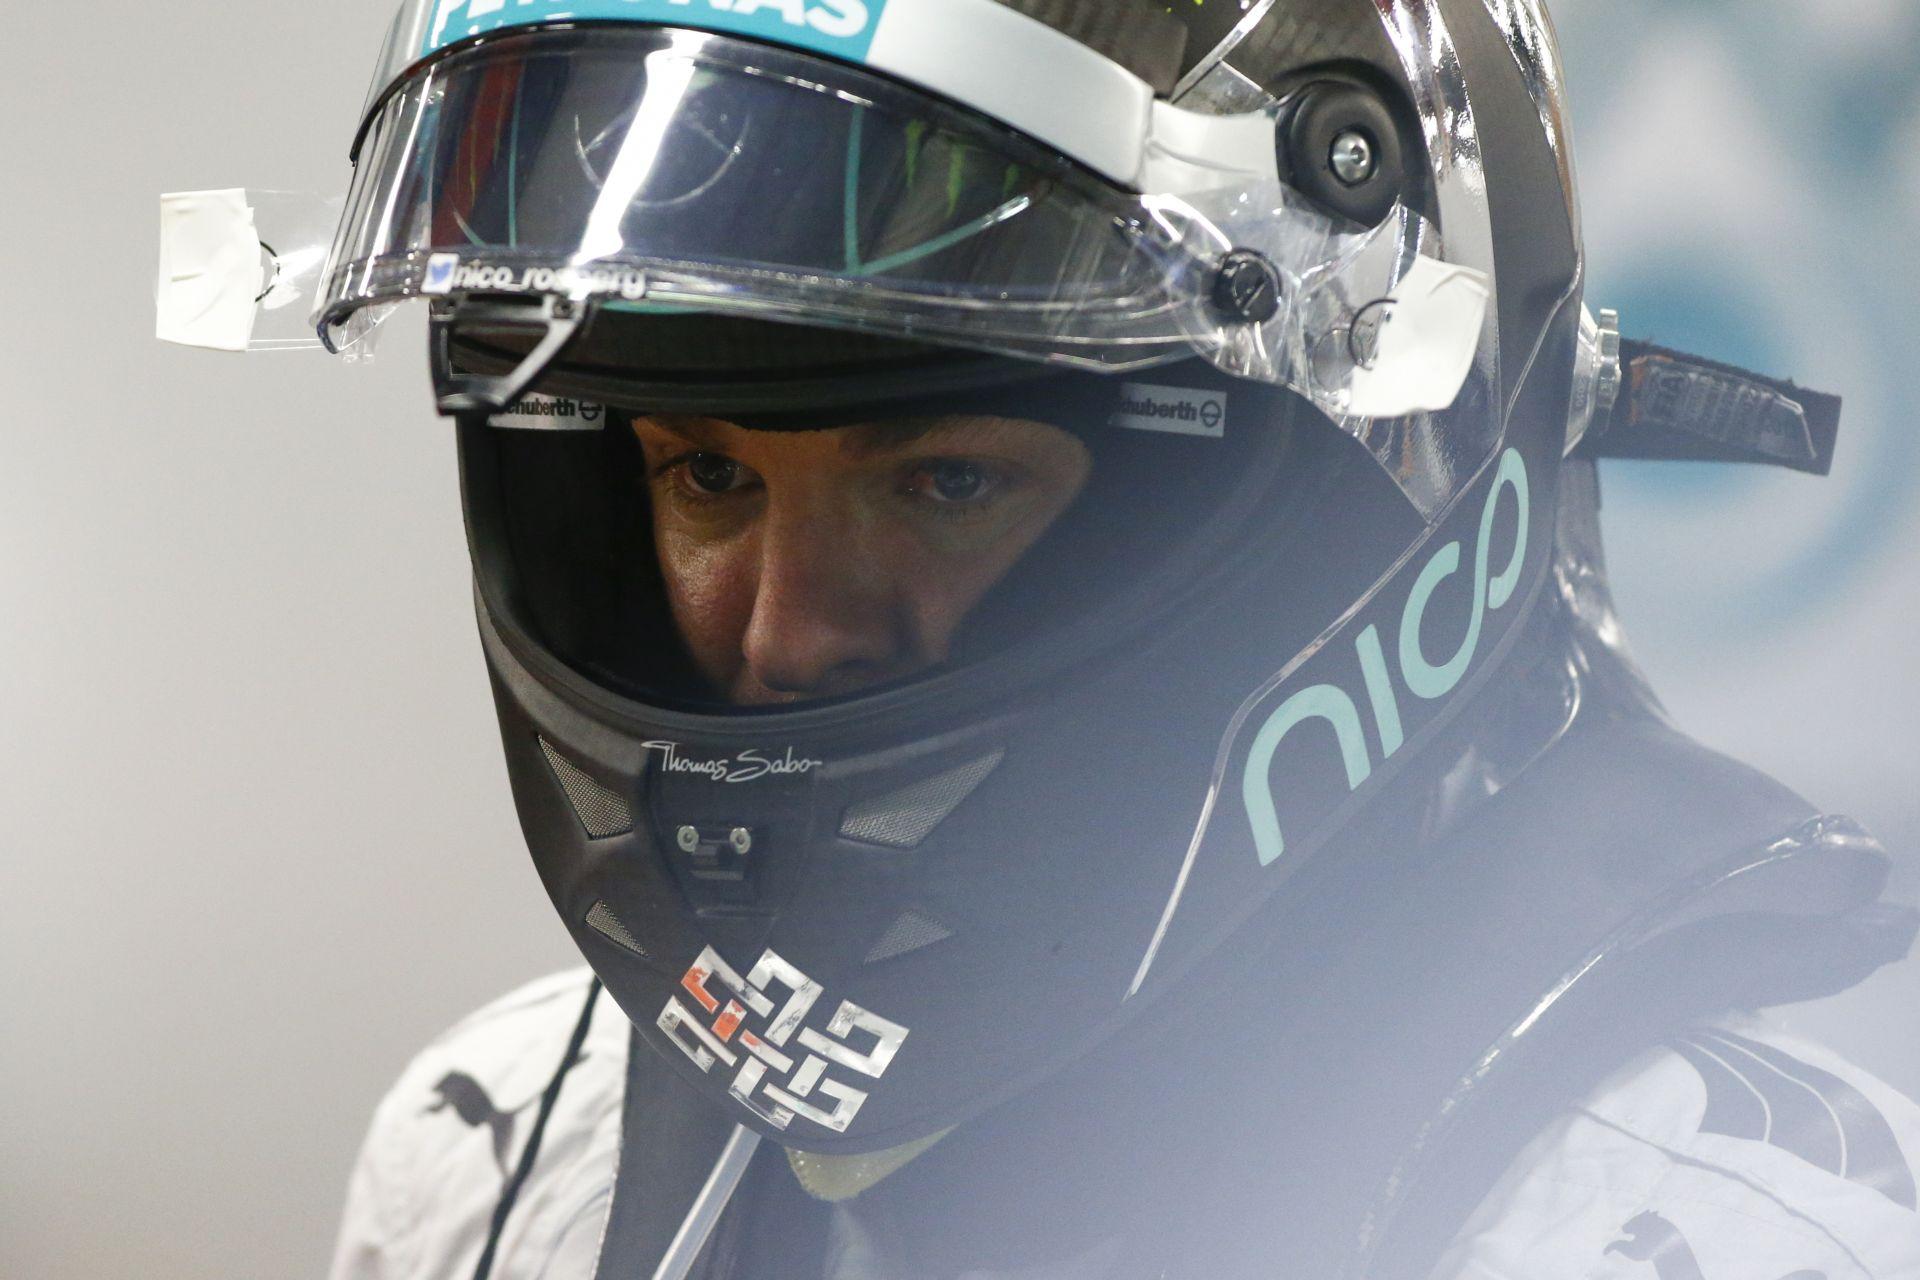 Rosbergnek még mindig nagyon fáj Hamilton szingapúri győzelme